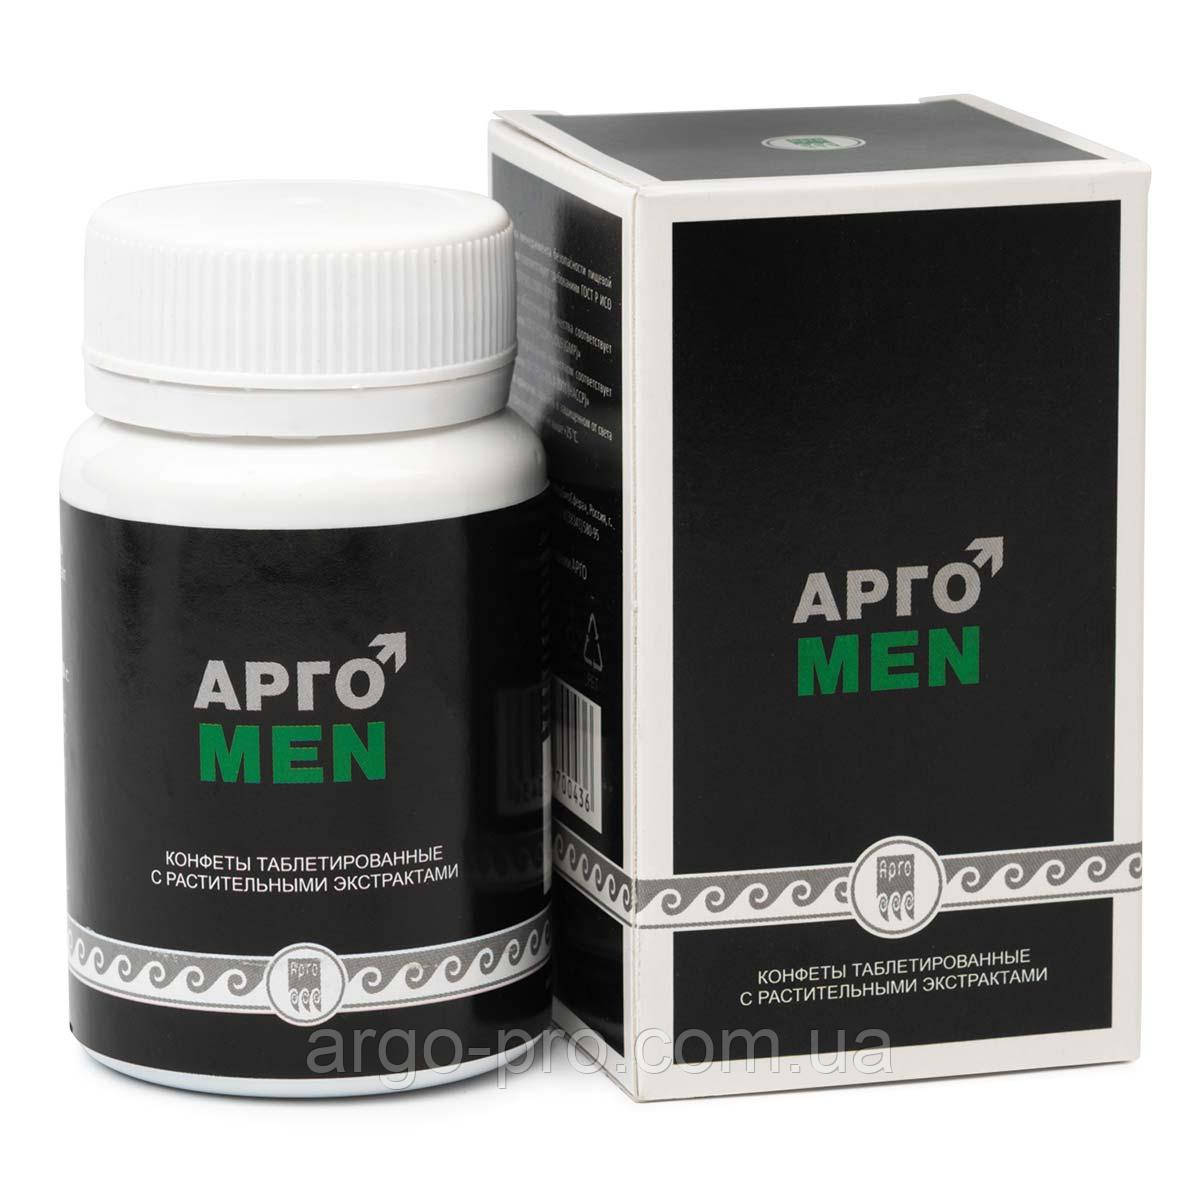 Аргомен для чоловіків (простатит, аденома, потенцію, лібідо, уретрит, цистит, пієлонефрит, безпліддя)